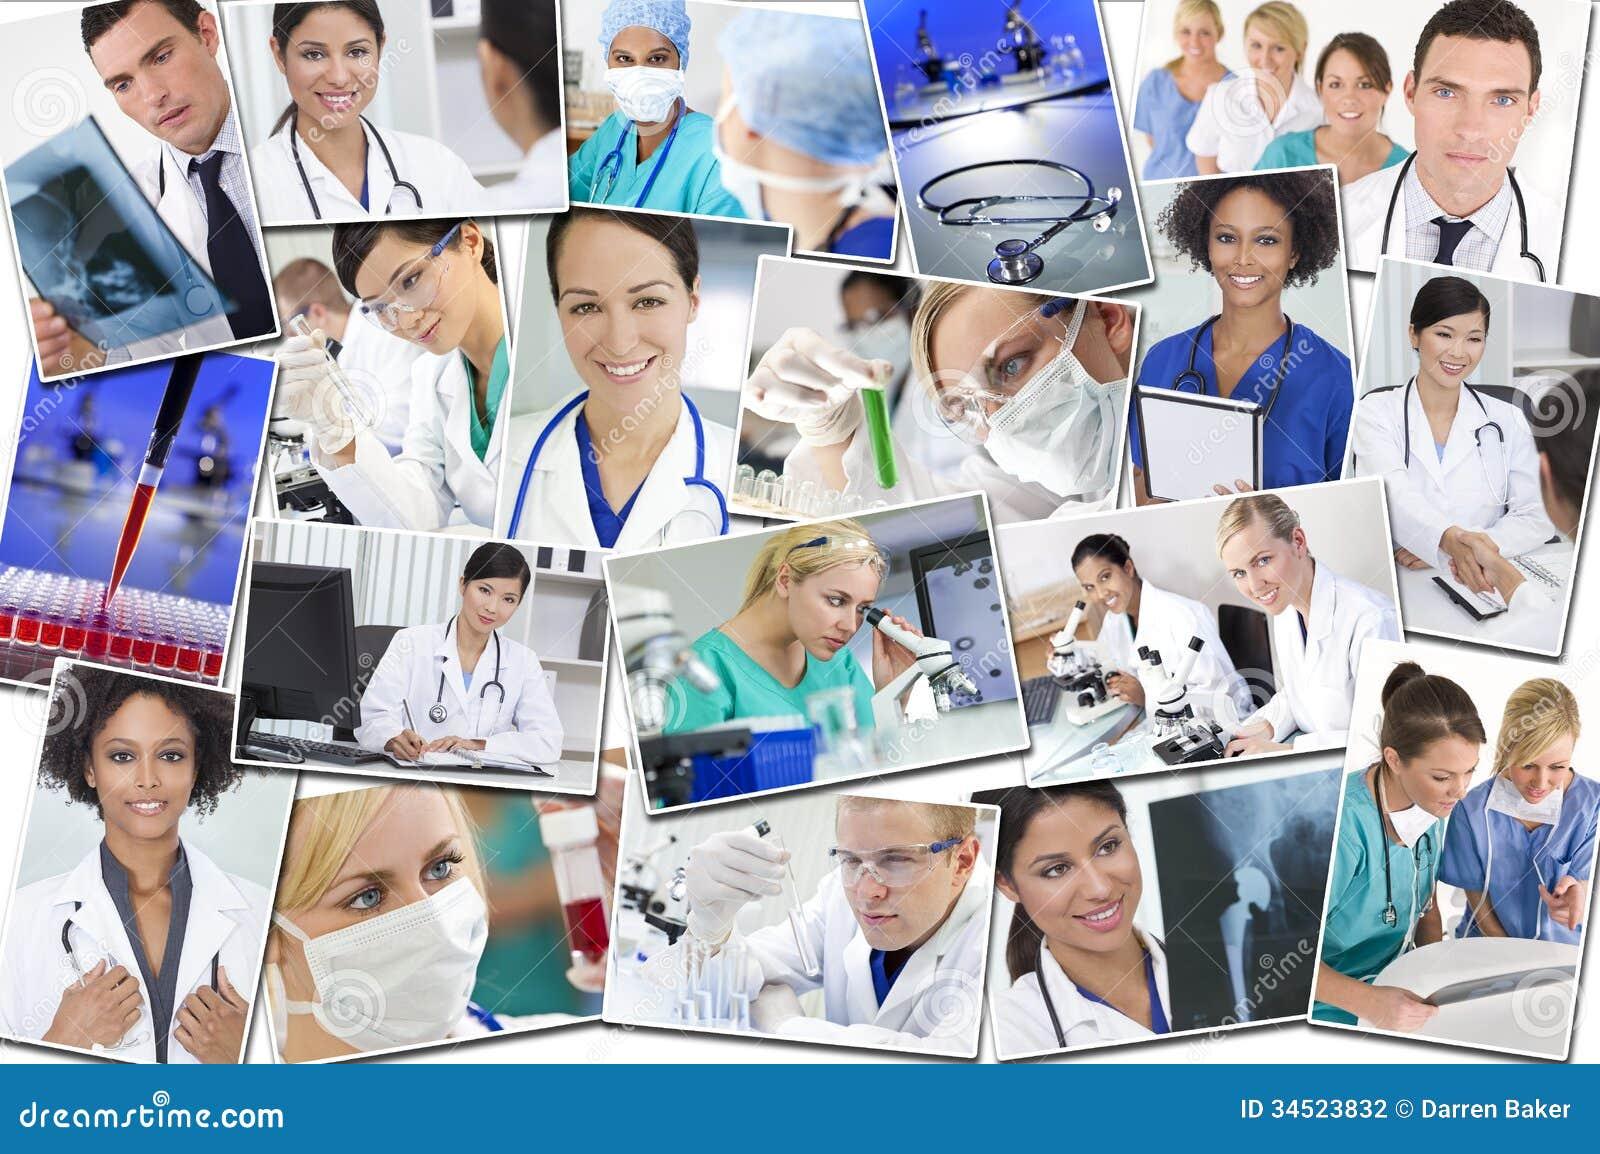 Ιατρική έρευνα & νοσοκομείο νοσοκόμων γιατρών Montage